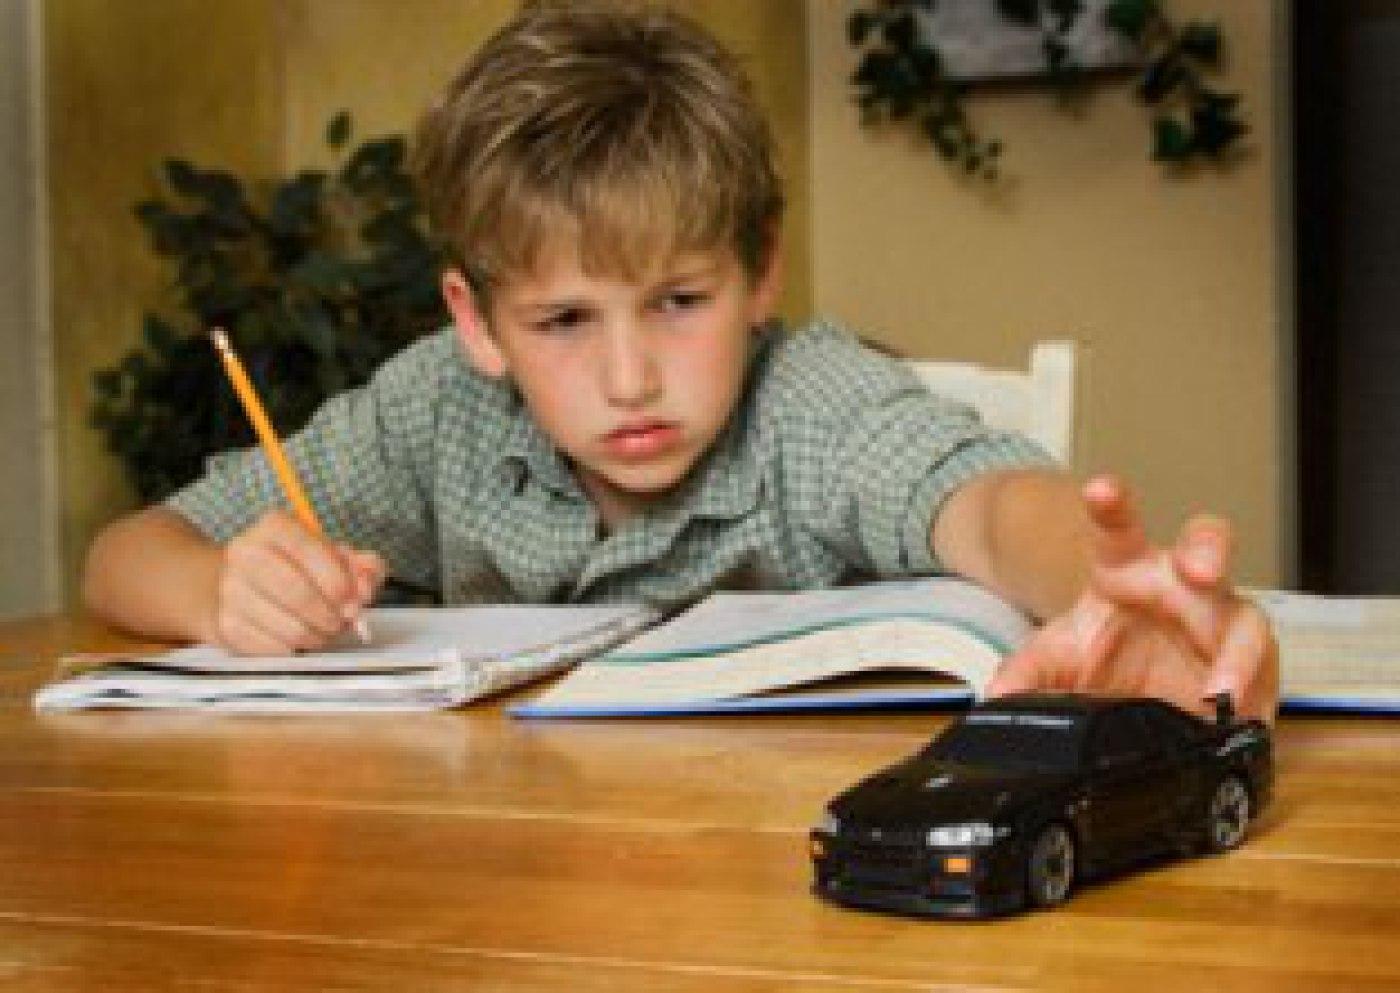 Penyebab dan Cara Mendidik Anak Hiperaktif dan ADHD namenoble.com web hosting terbaik